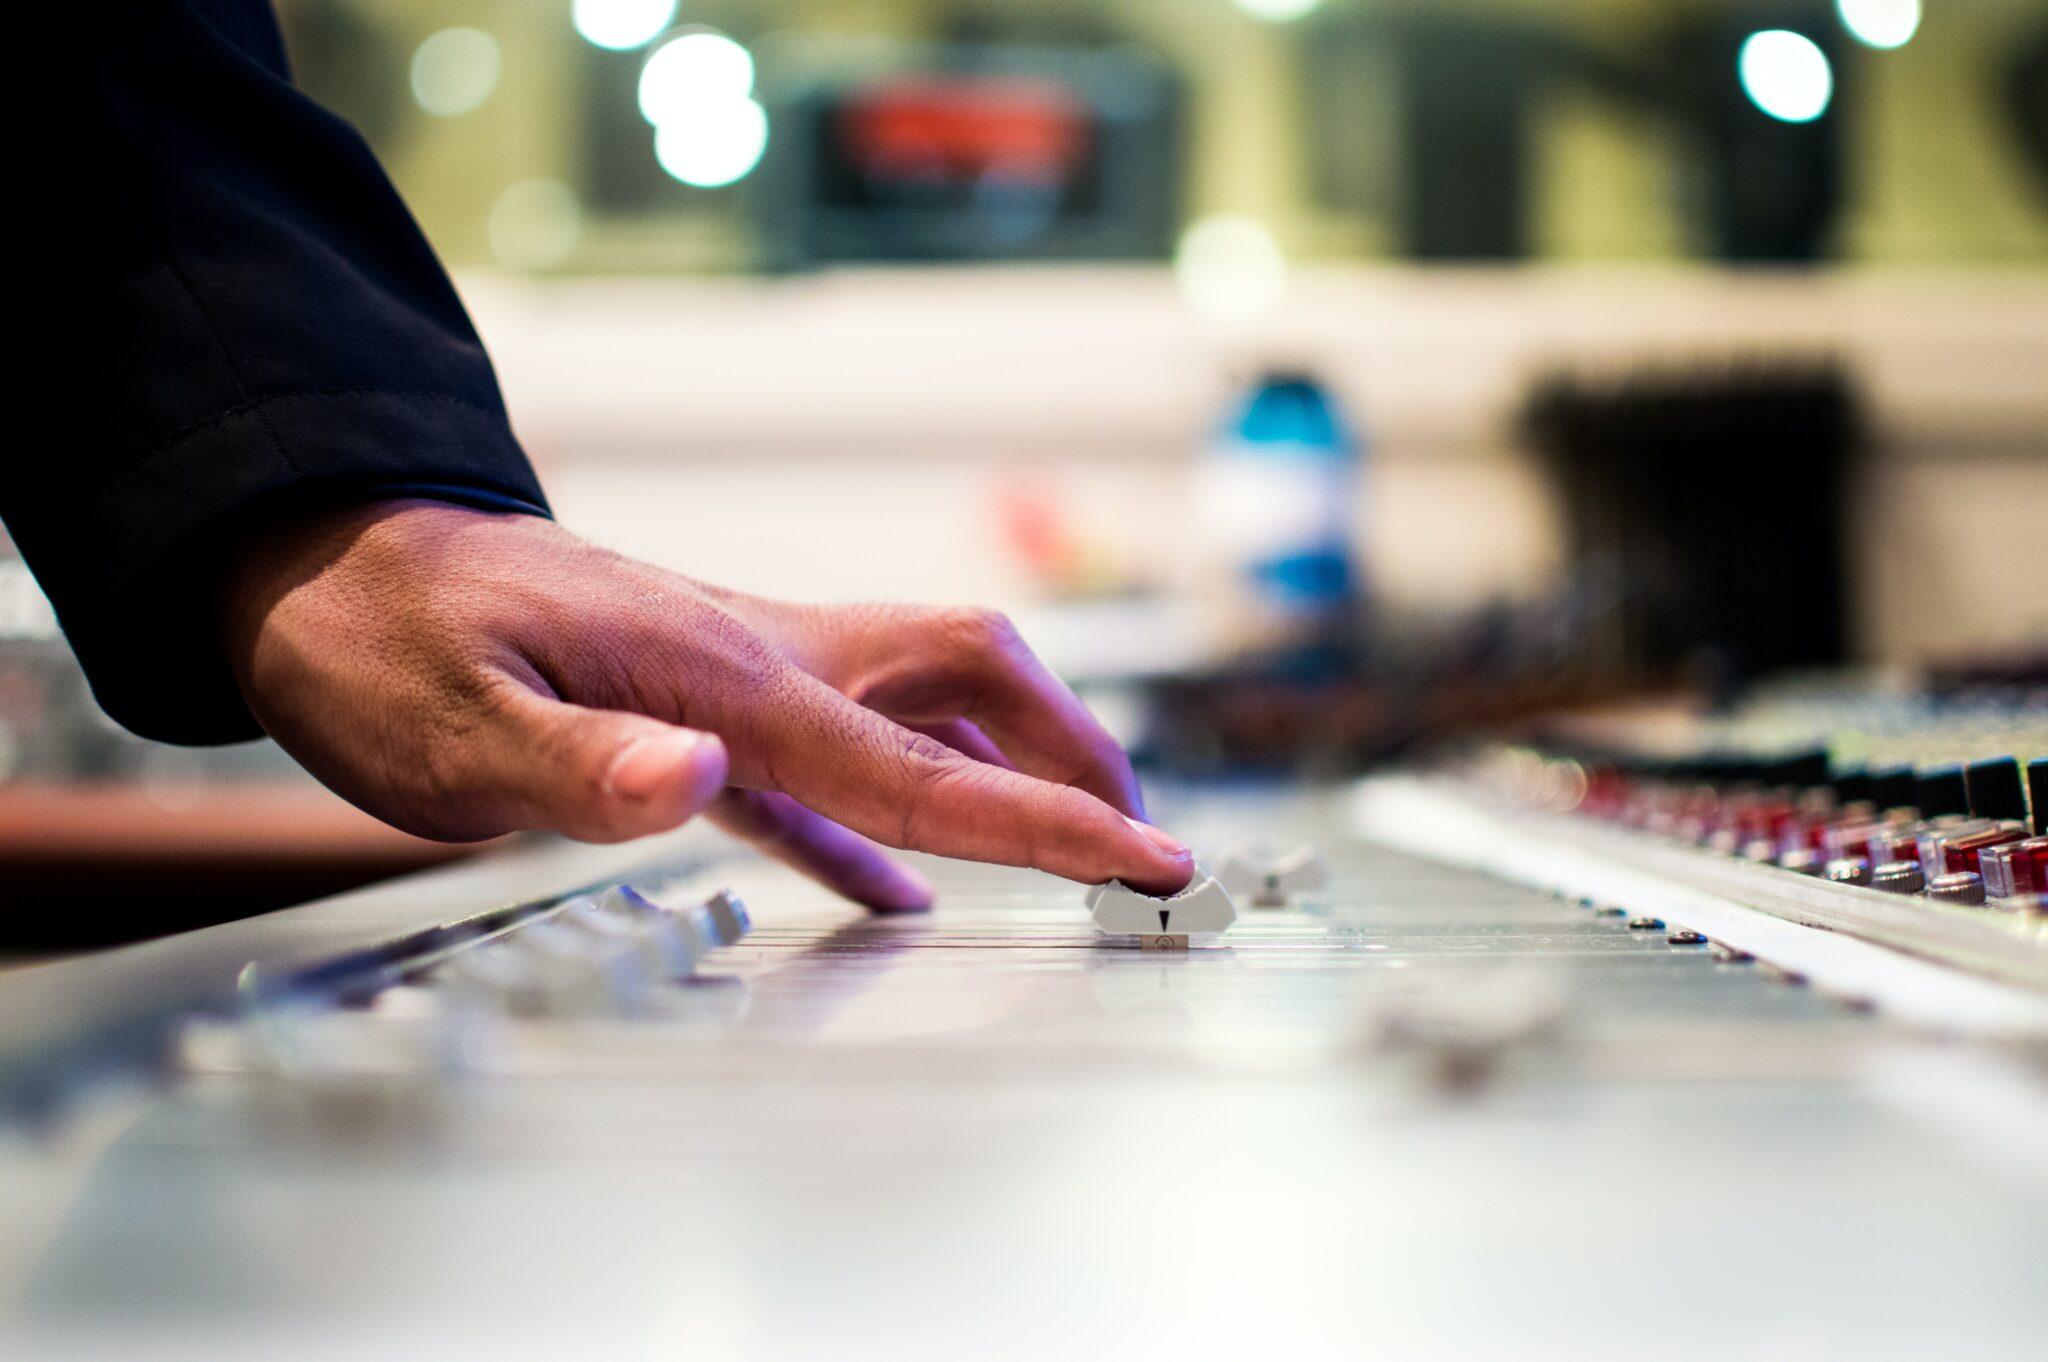 Music editing/mixing board